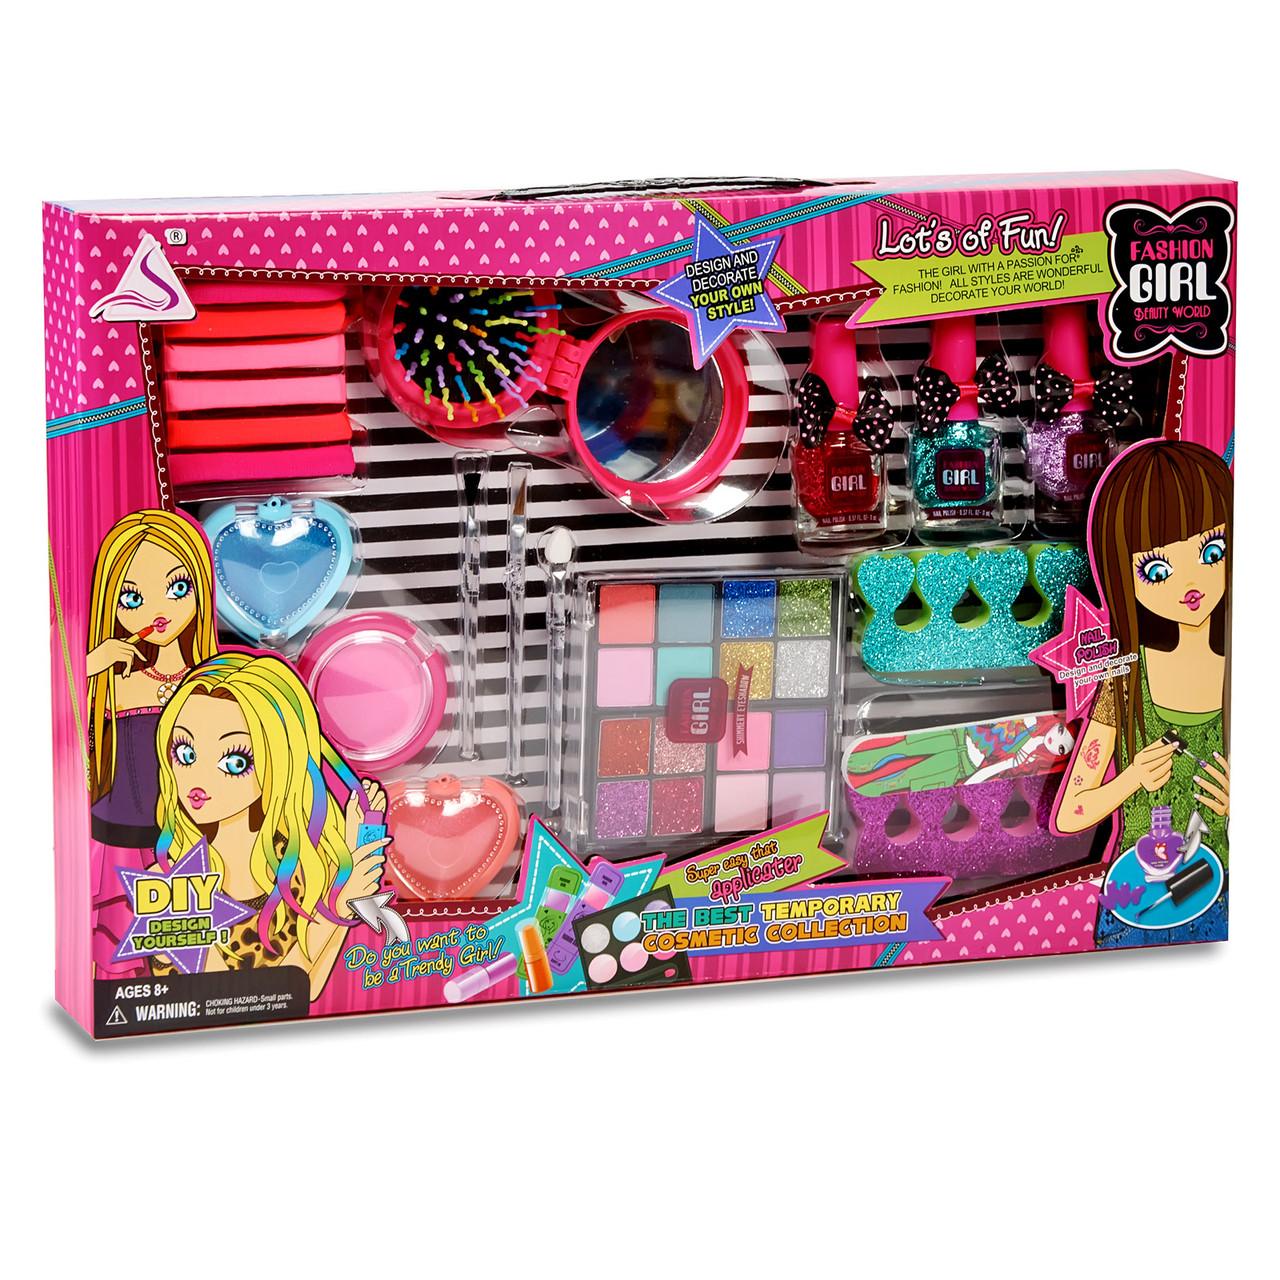 Ігровий набір косметики для дівчинки. Набір юної візажисток. Дитяча косметика.Набір для дівчаток.